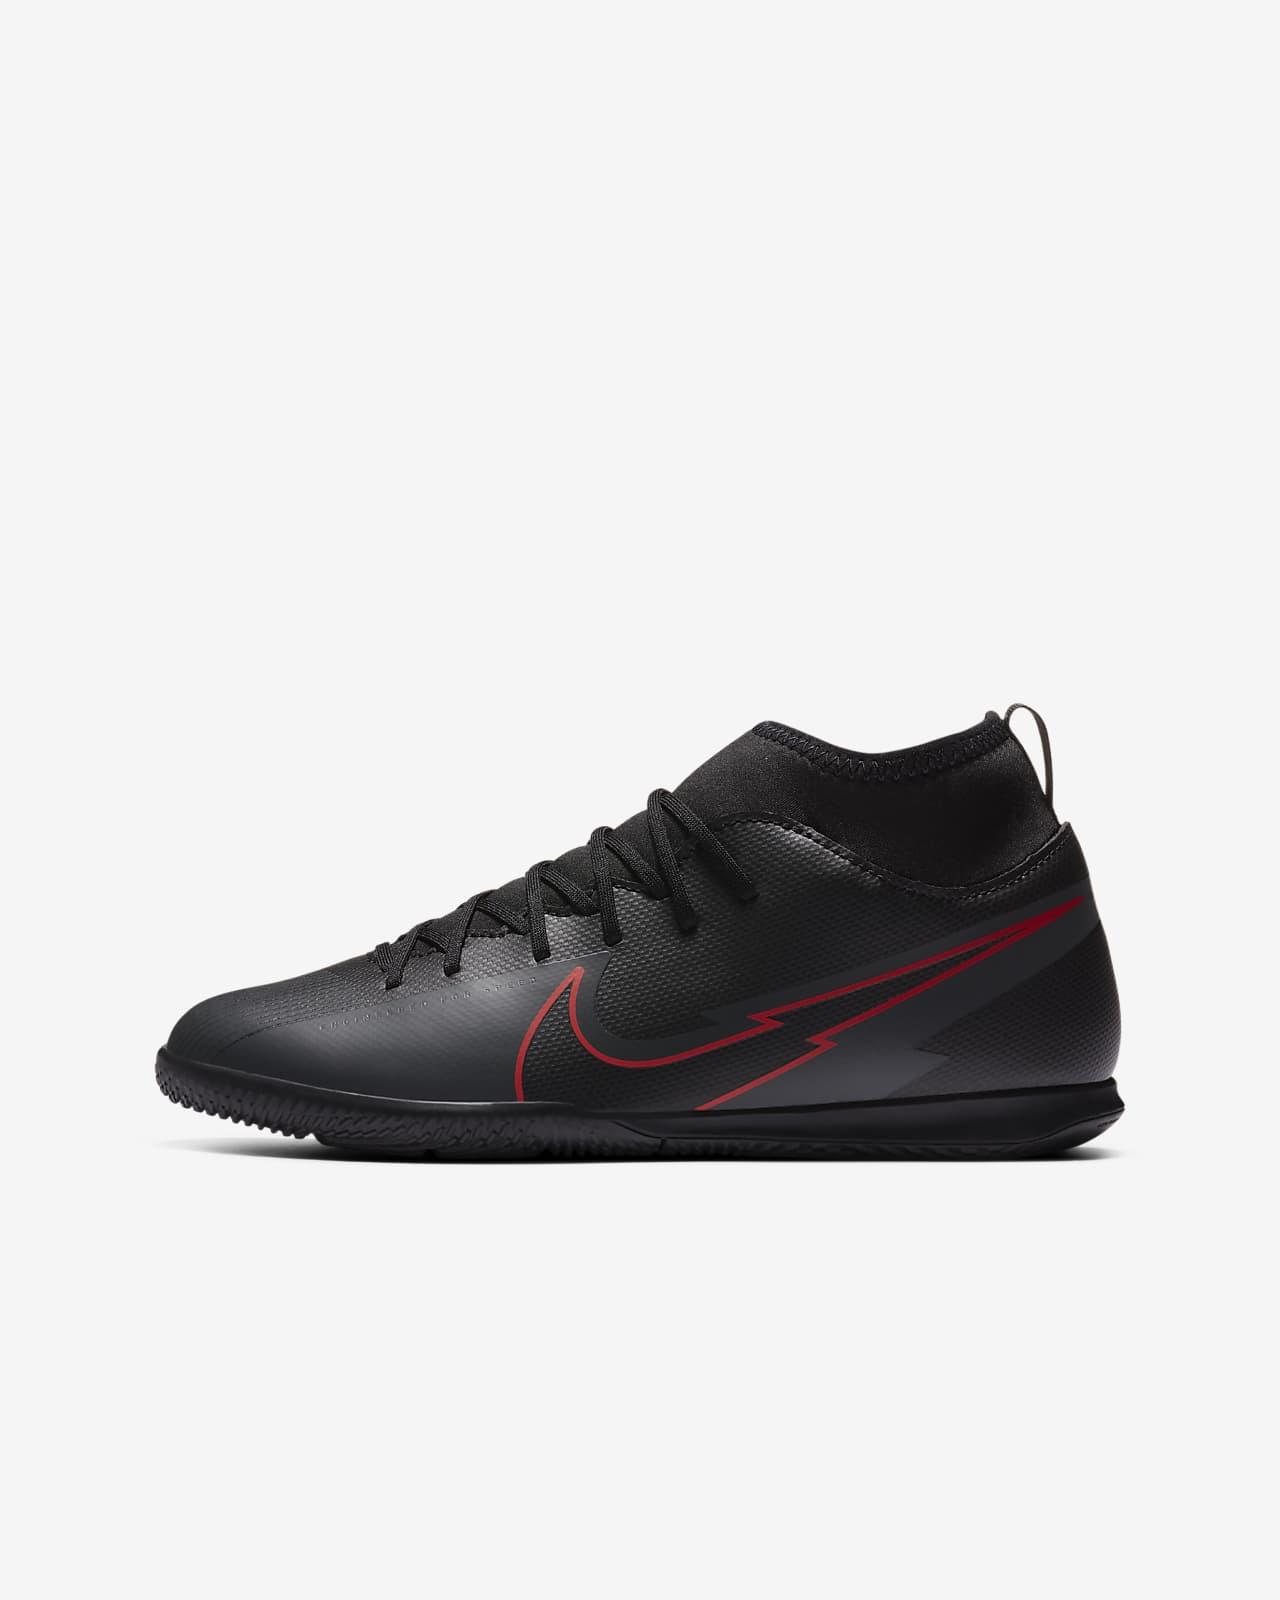 Chaussure de football en salle Nike Jr. Mercurial Superfly 7 Club IC pour Jeune enfant/Enfant plus âgé